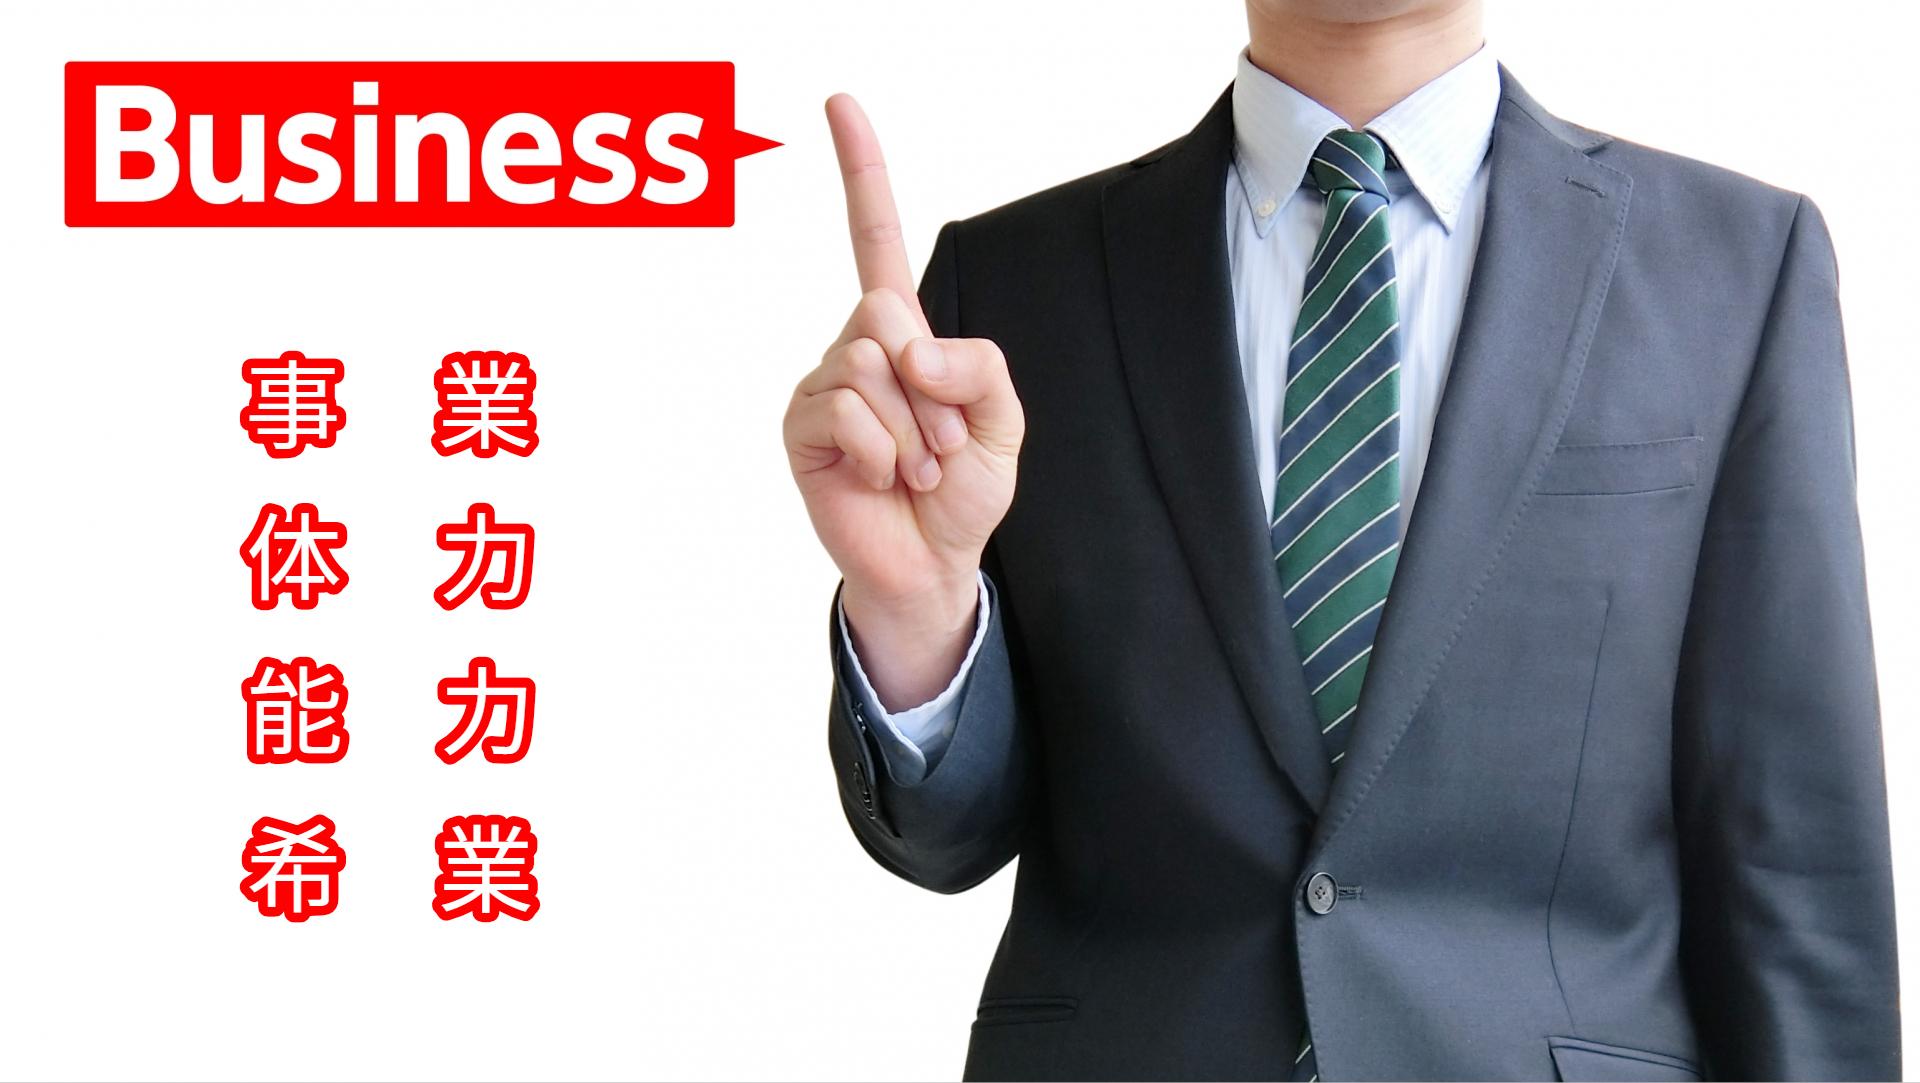 50代になったらビジネスを始めよう!|新おとな学 Ver.2